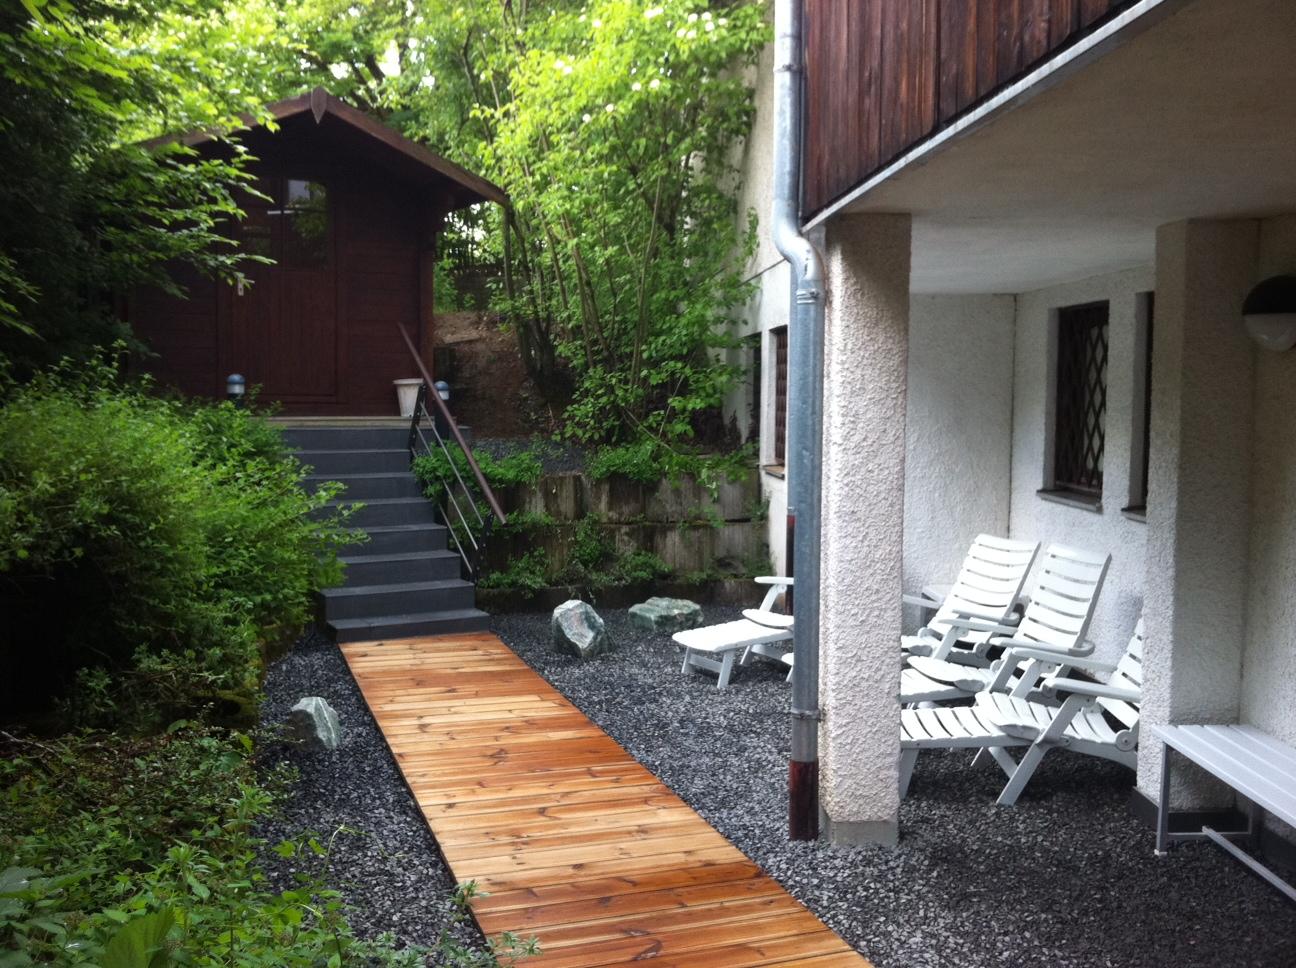 Blockhaus-Sauna im Freien